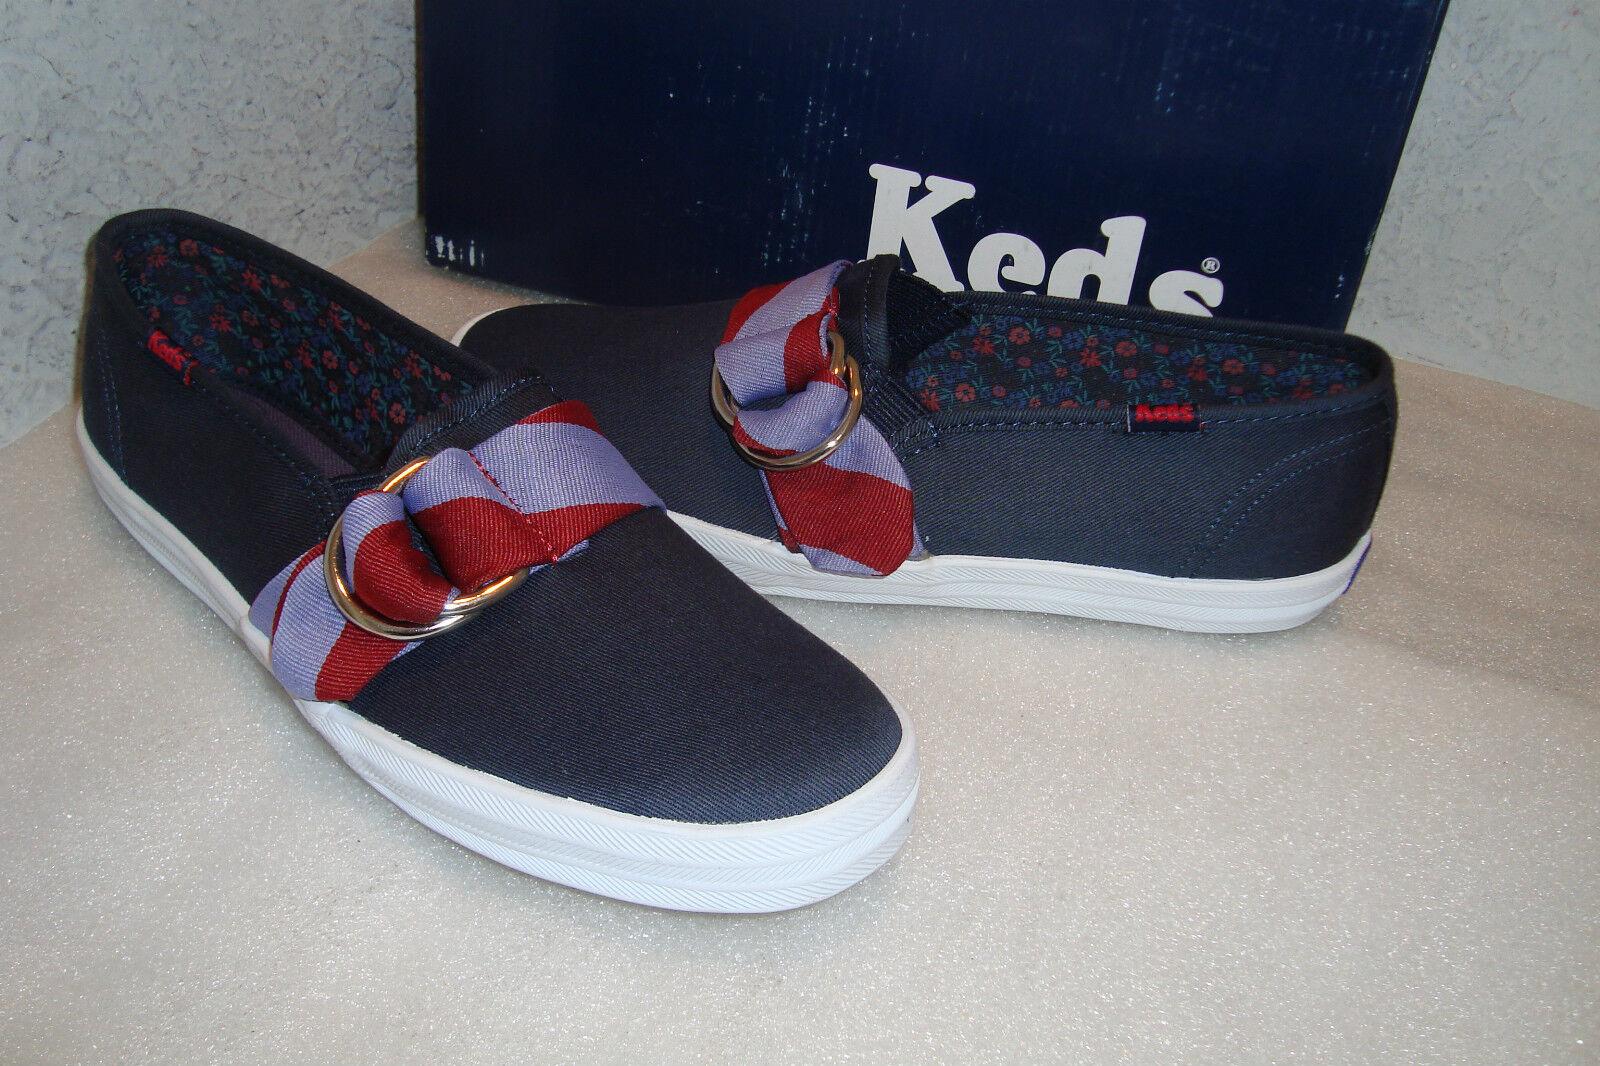 Keds Damenschuhe NWB CH REP Stripe Navy ROT Flats Schuhes 5 MED NEU